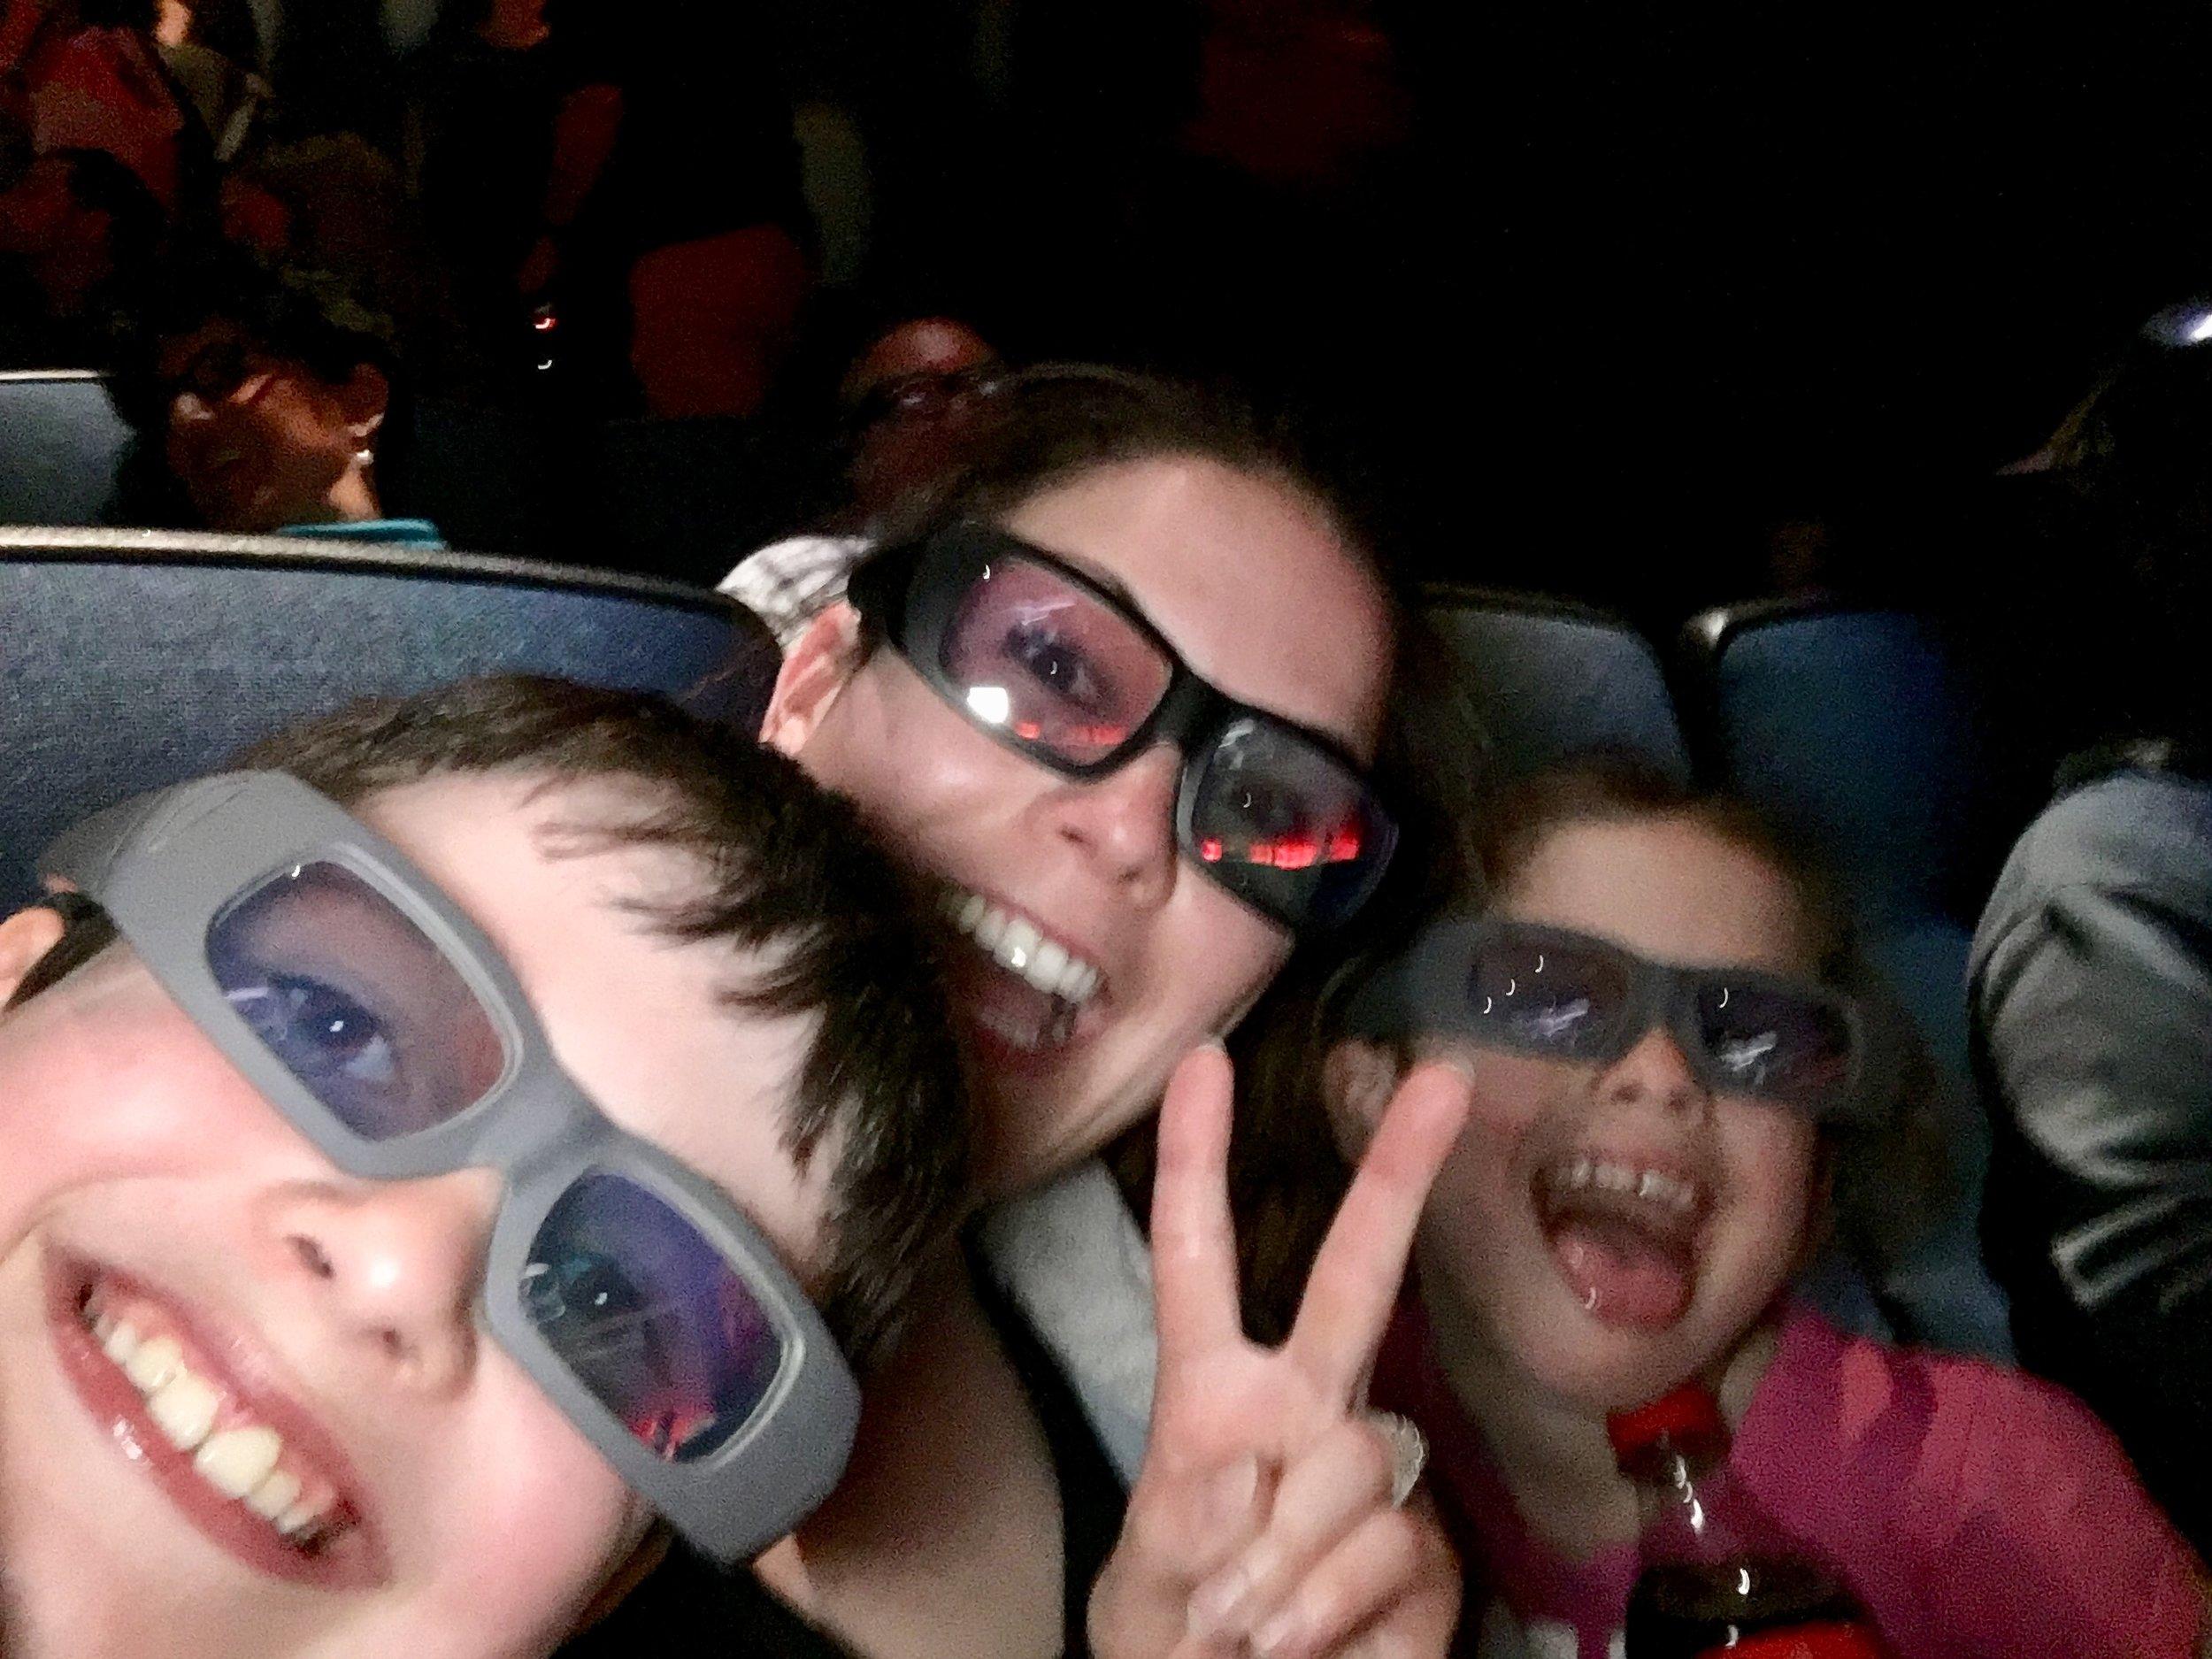 cinéma-super-chiens-3D-superhéros-activité-famille-enfant-film-plaisir-fun-enfant